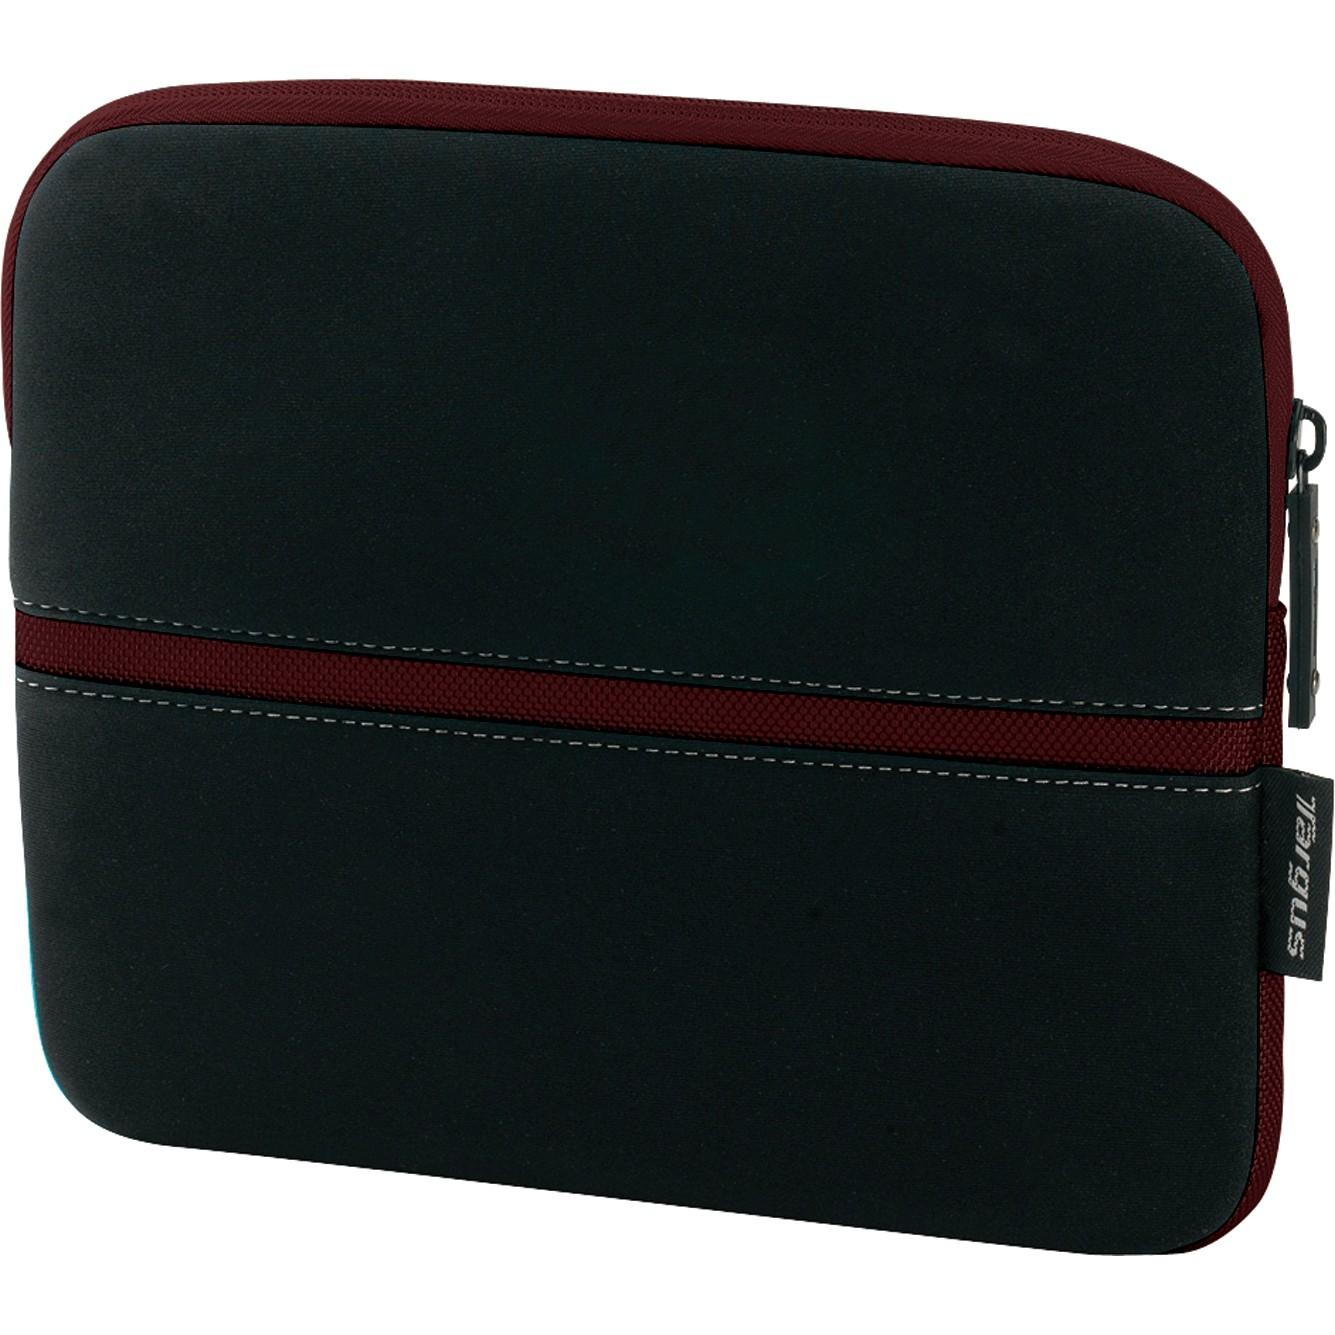 Targus 10.2in Slipskin Peel Netbook Sleeve - Black/Burgundy